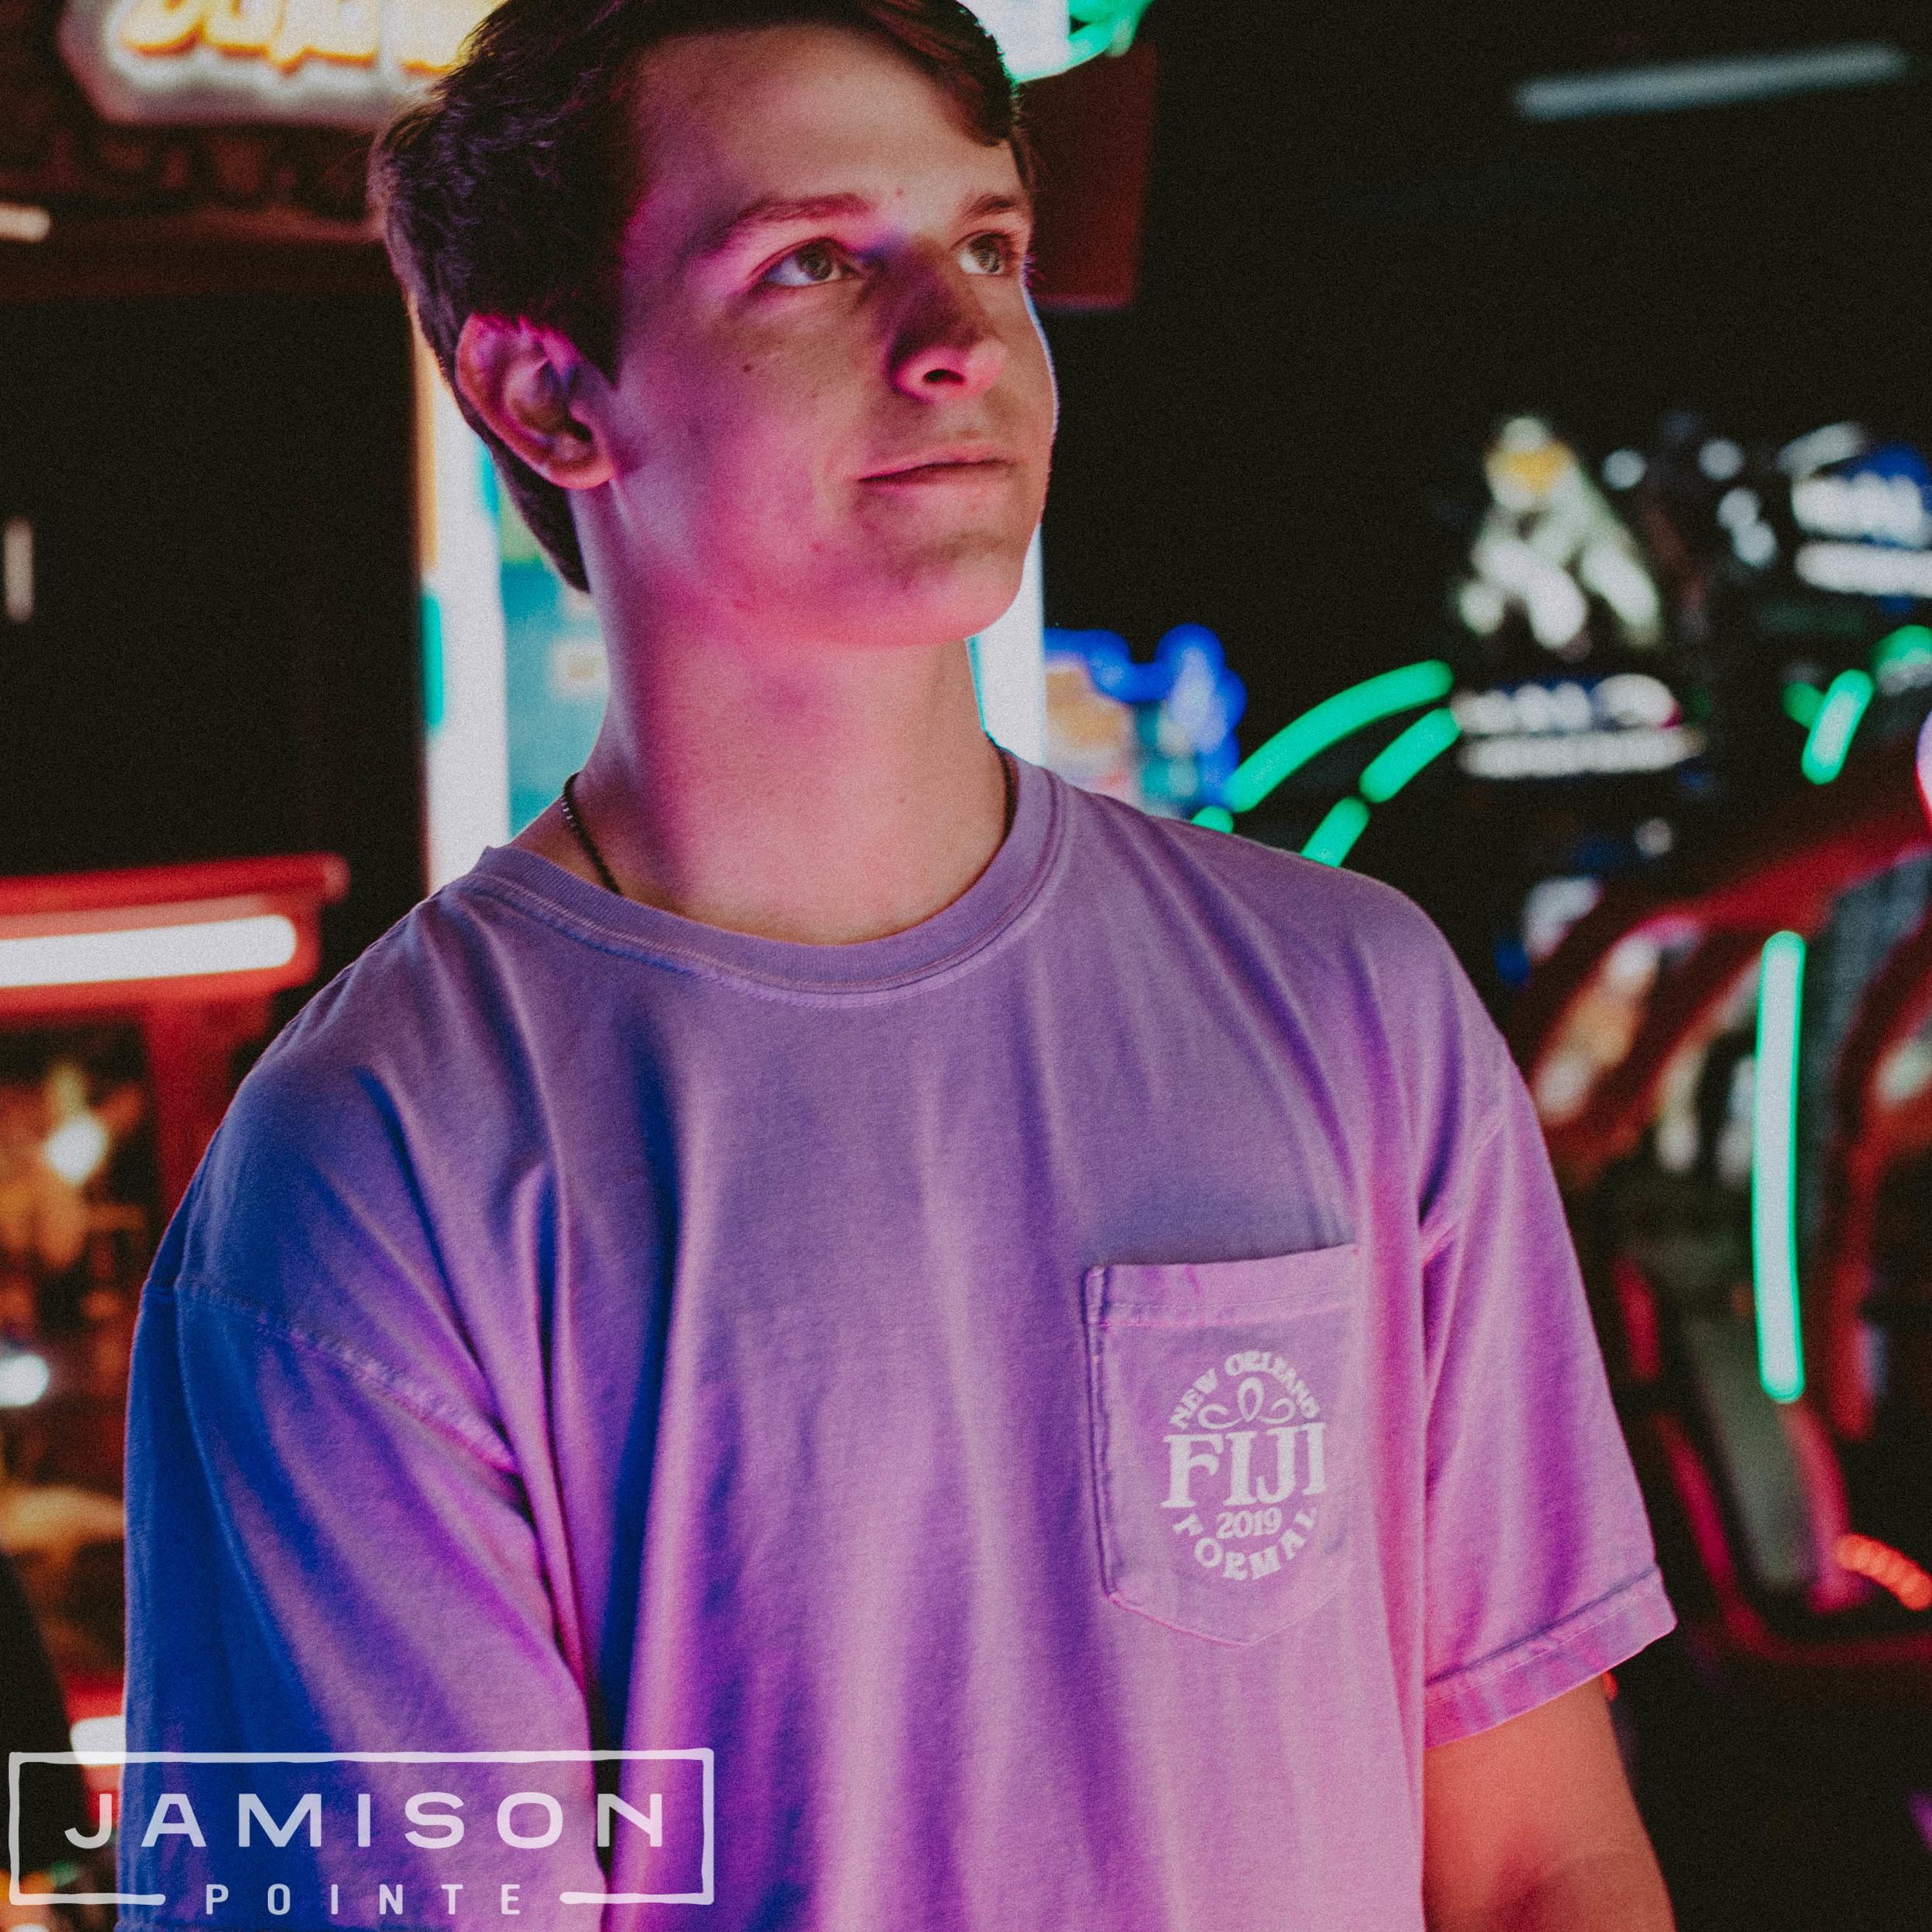 Phi Gamma Delta New Orleans Formal Tshirt